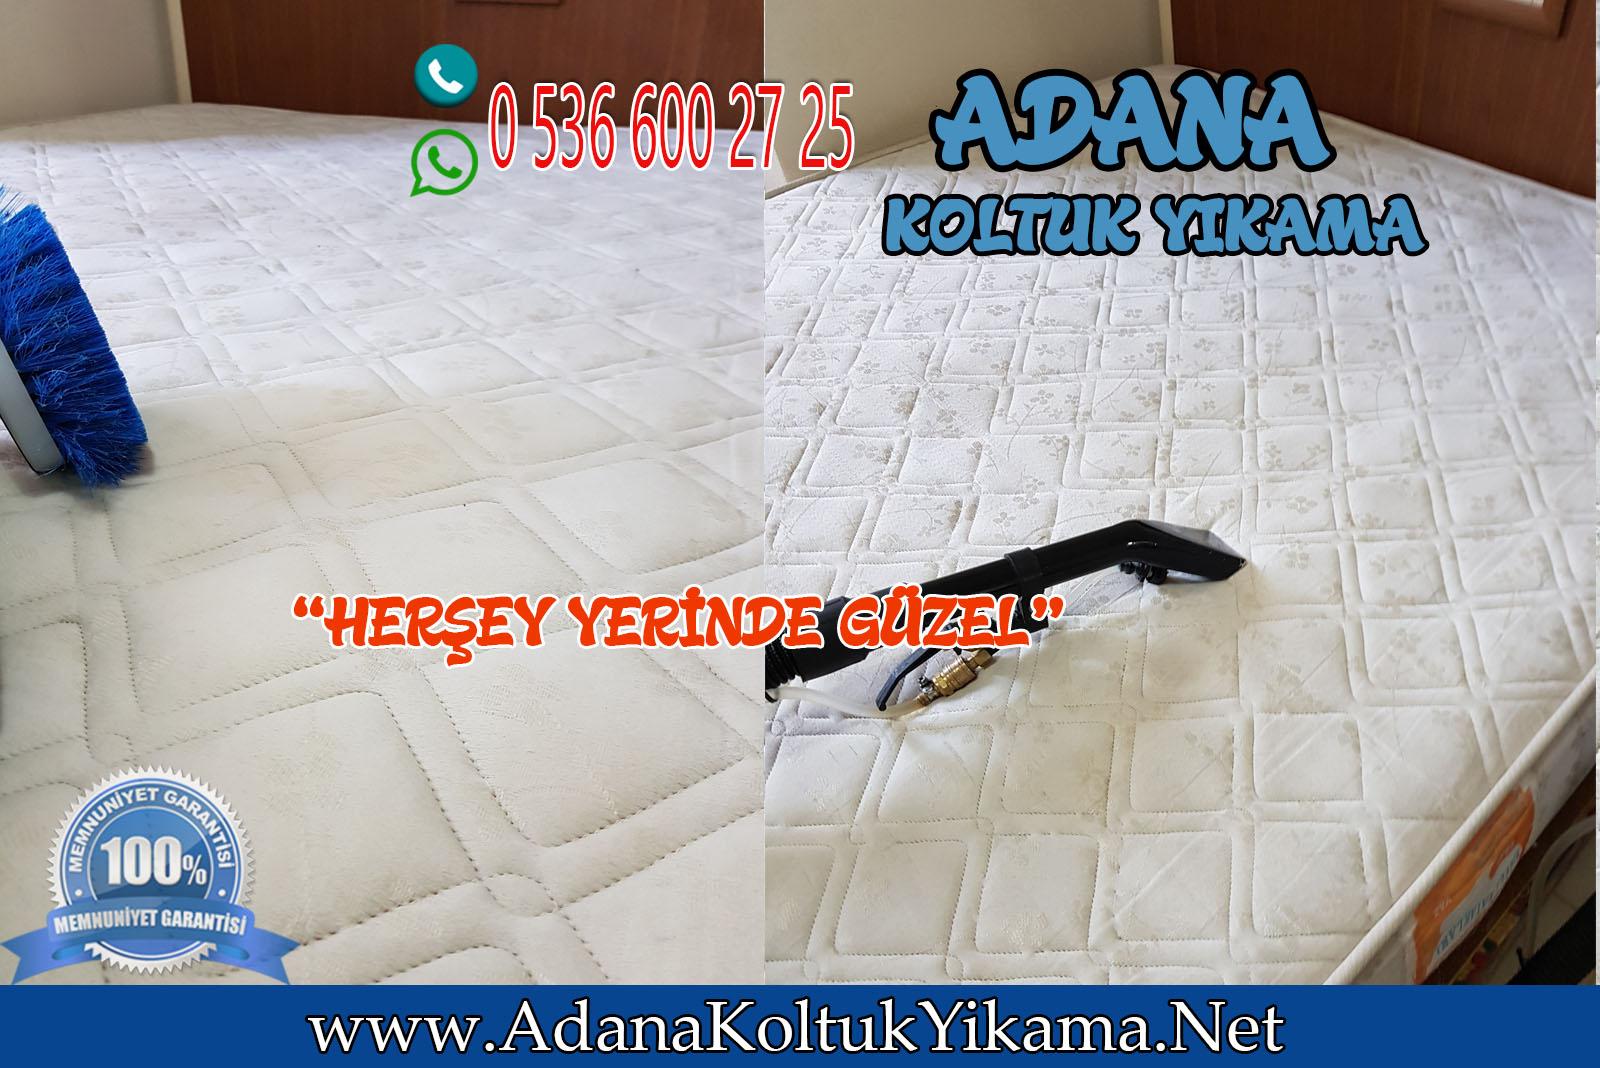 Adana Mekan Yatak Yıkama ( Ped Yatak Yıkama )